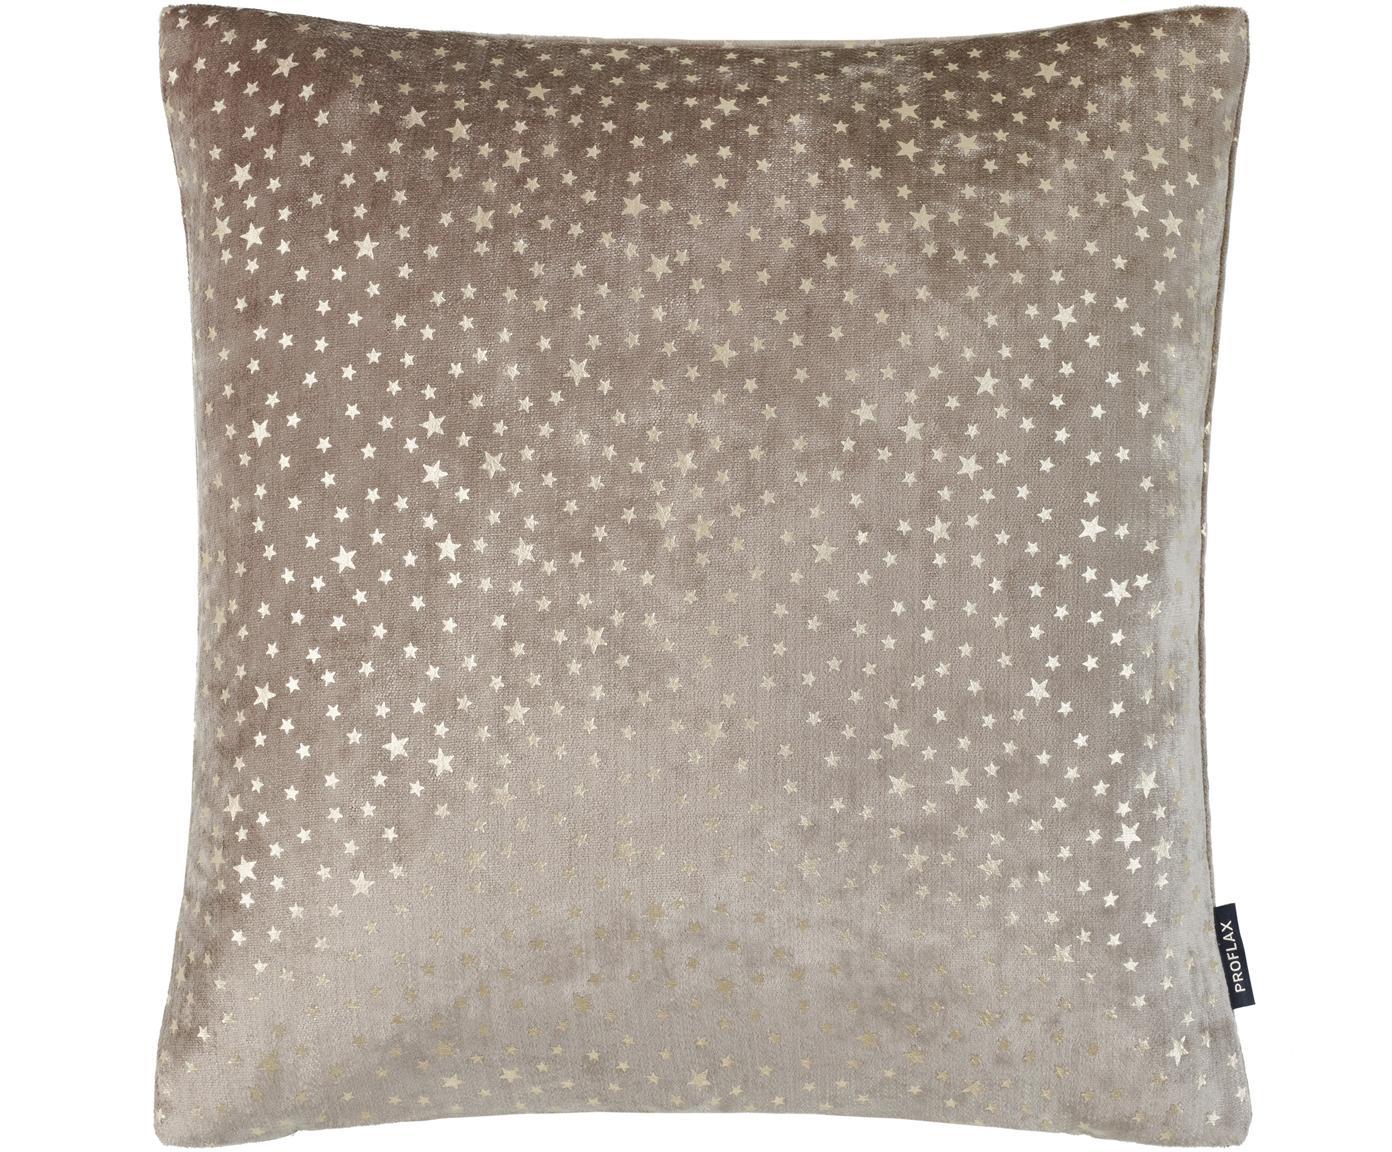 Fluwelen kussenhoes Estrella, Bovenzijde: polyester fluweel, Onderzijde: polyester, Beige, goudkleurig, 40 x 40 cm